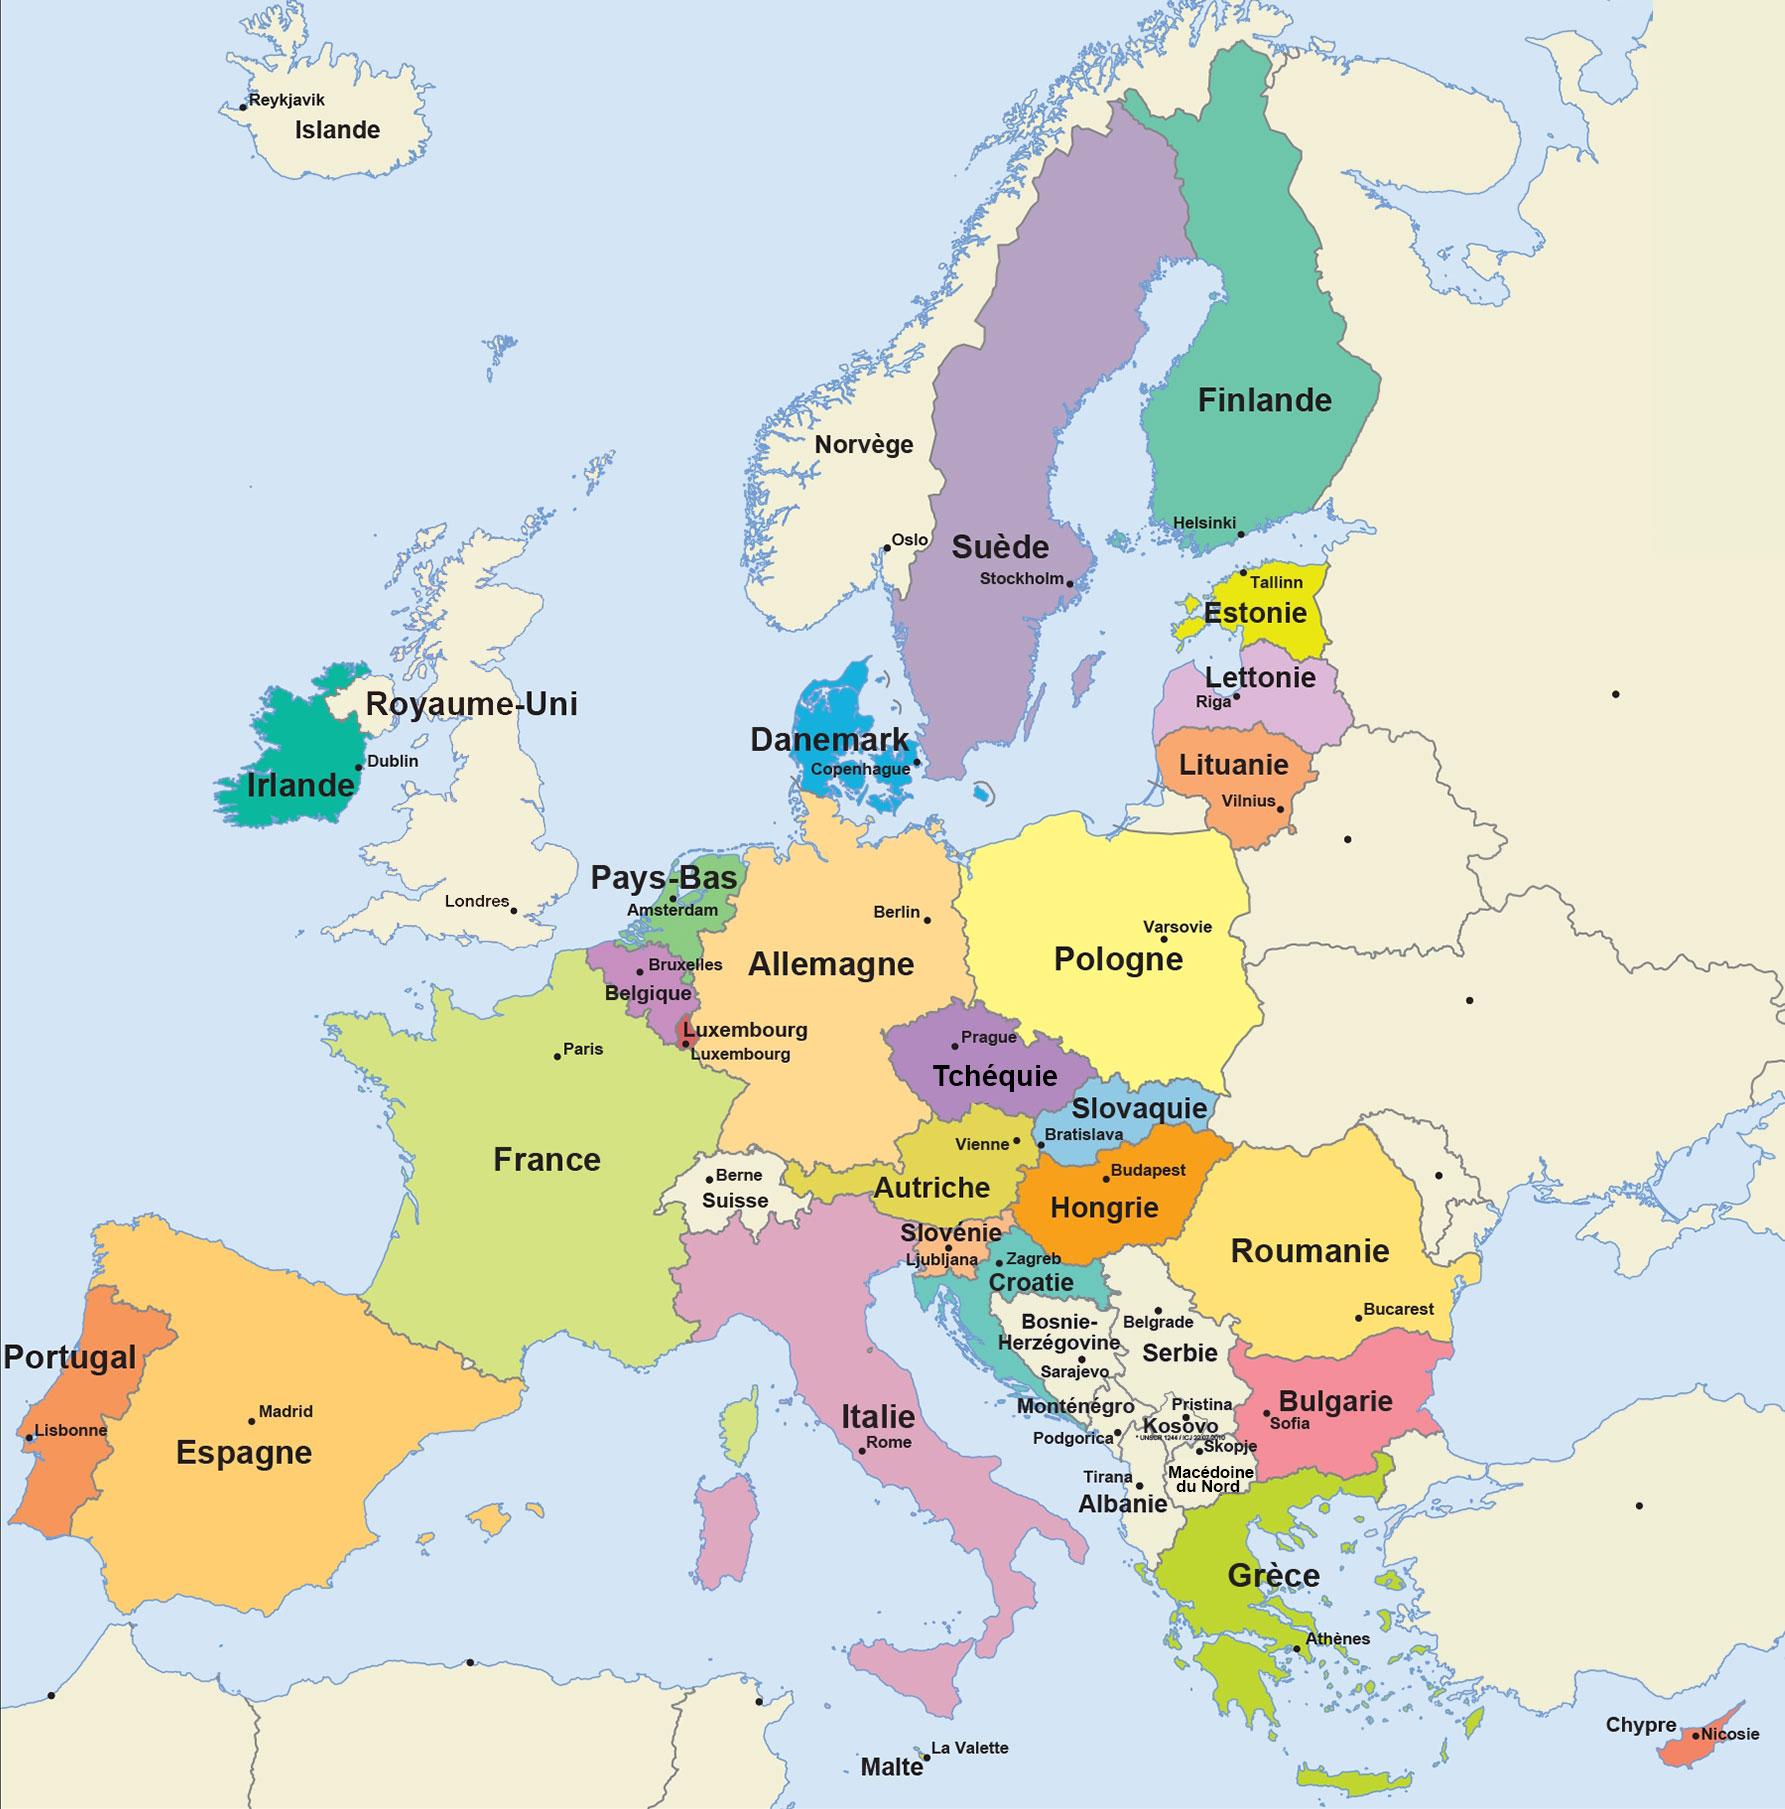 Facile À Lire - L'union Européenne | Union Européenne pour Apprendre Pays Europe